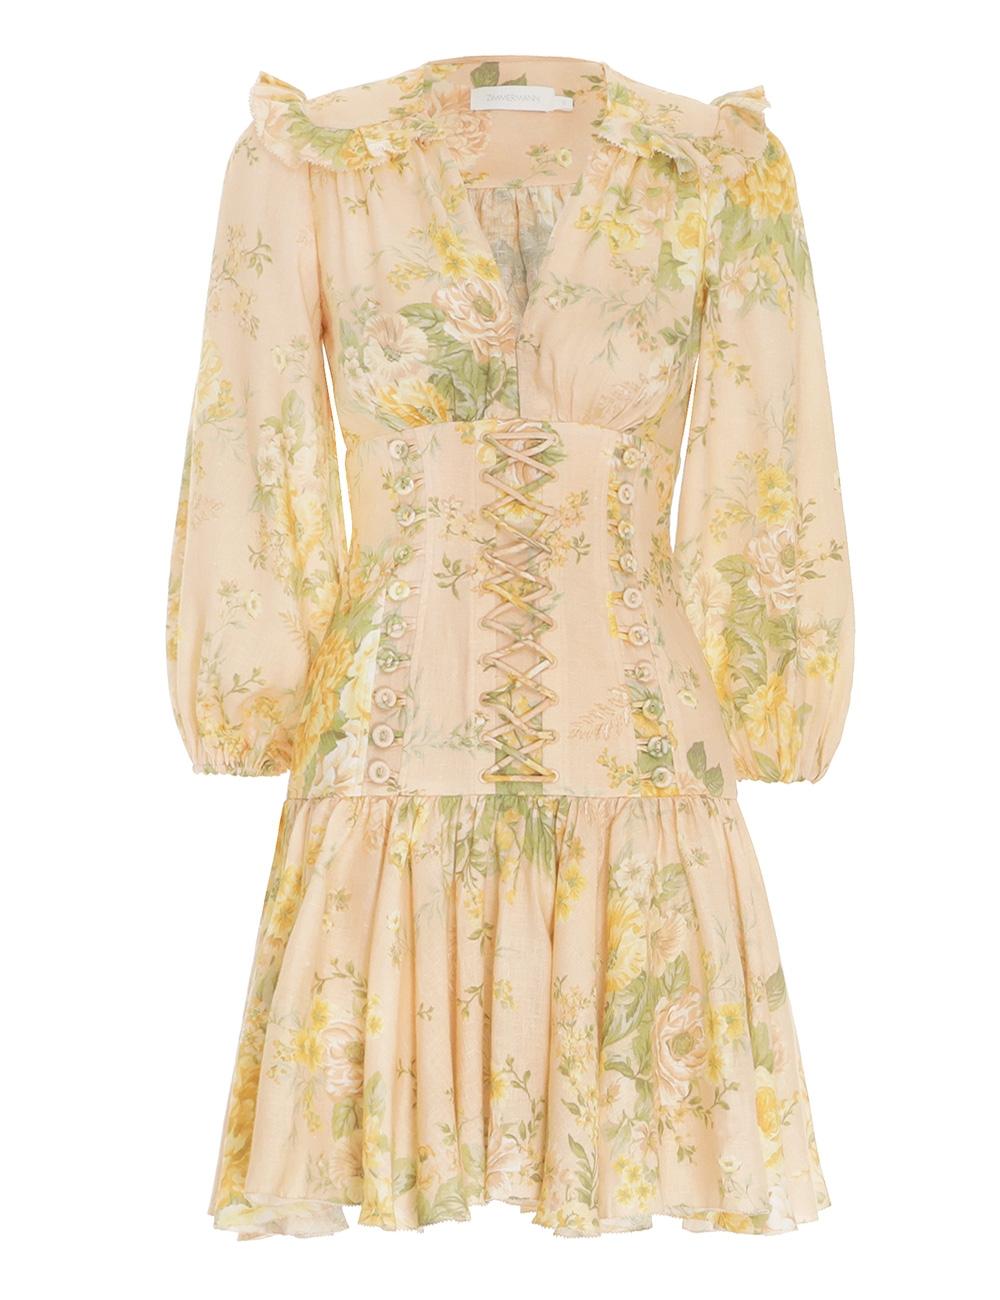 Amelie Corset Dress